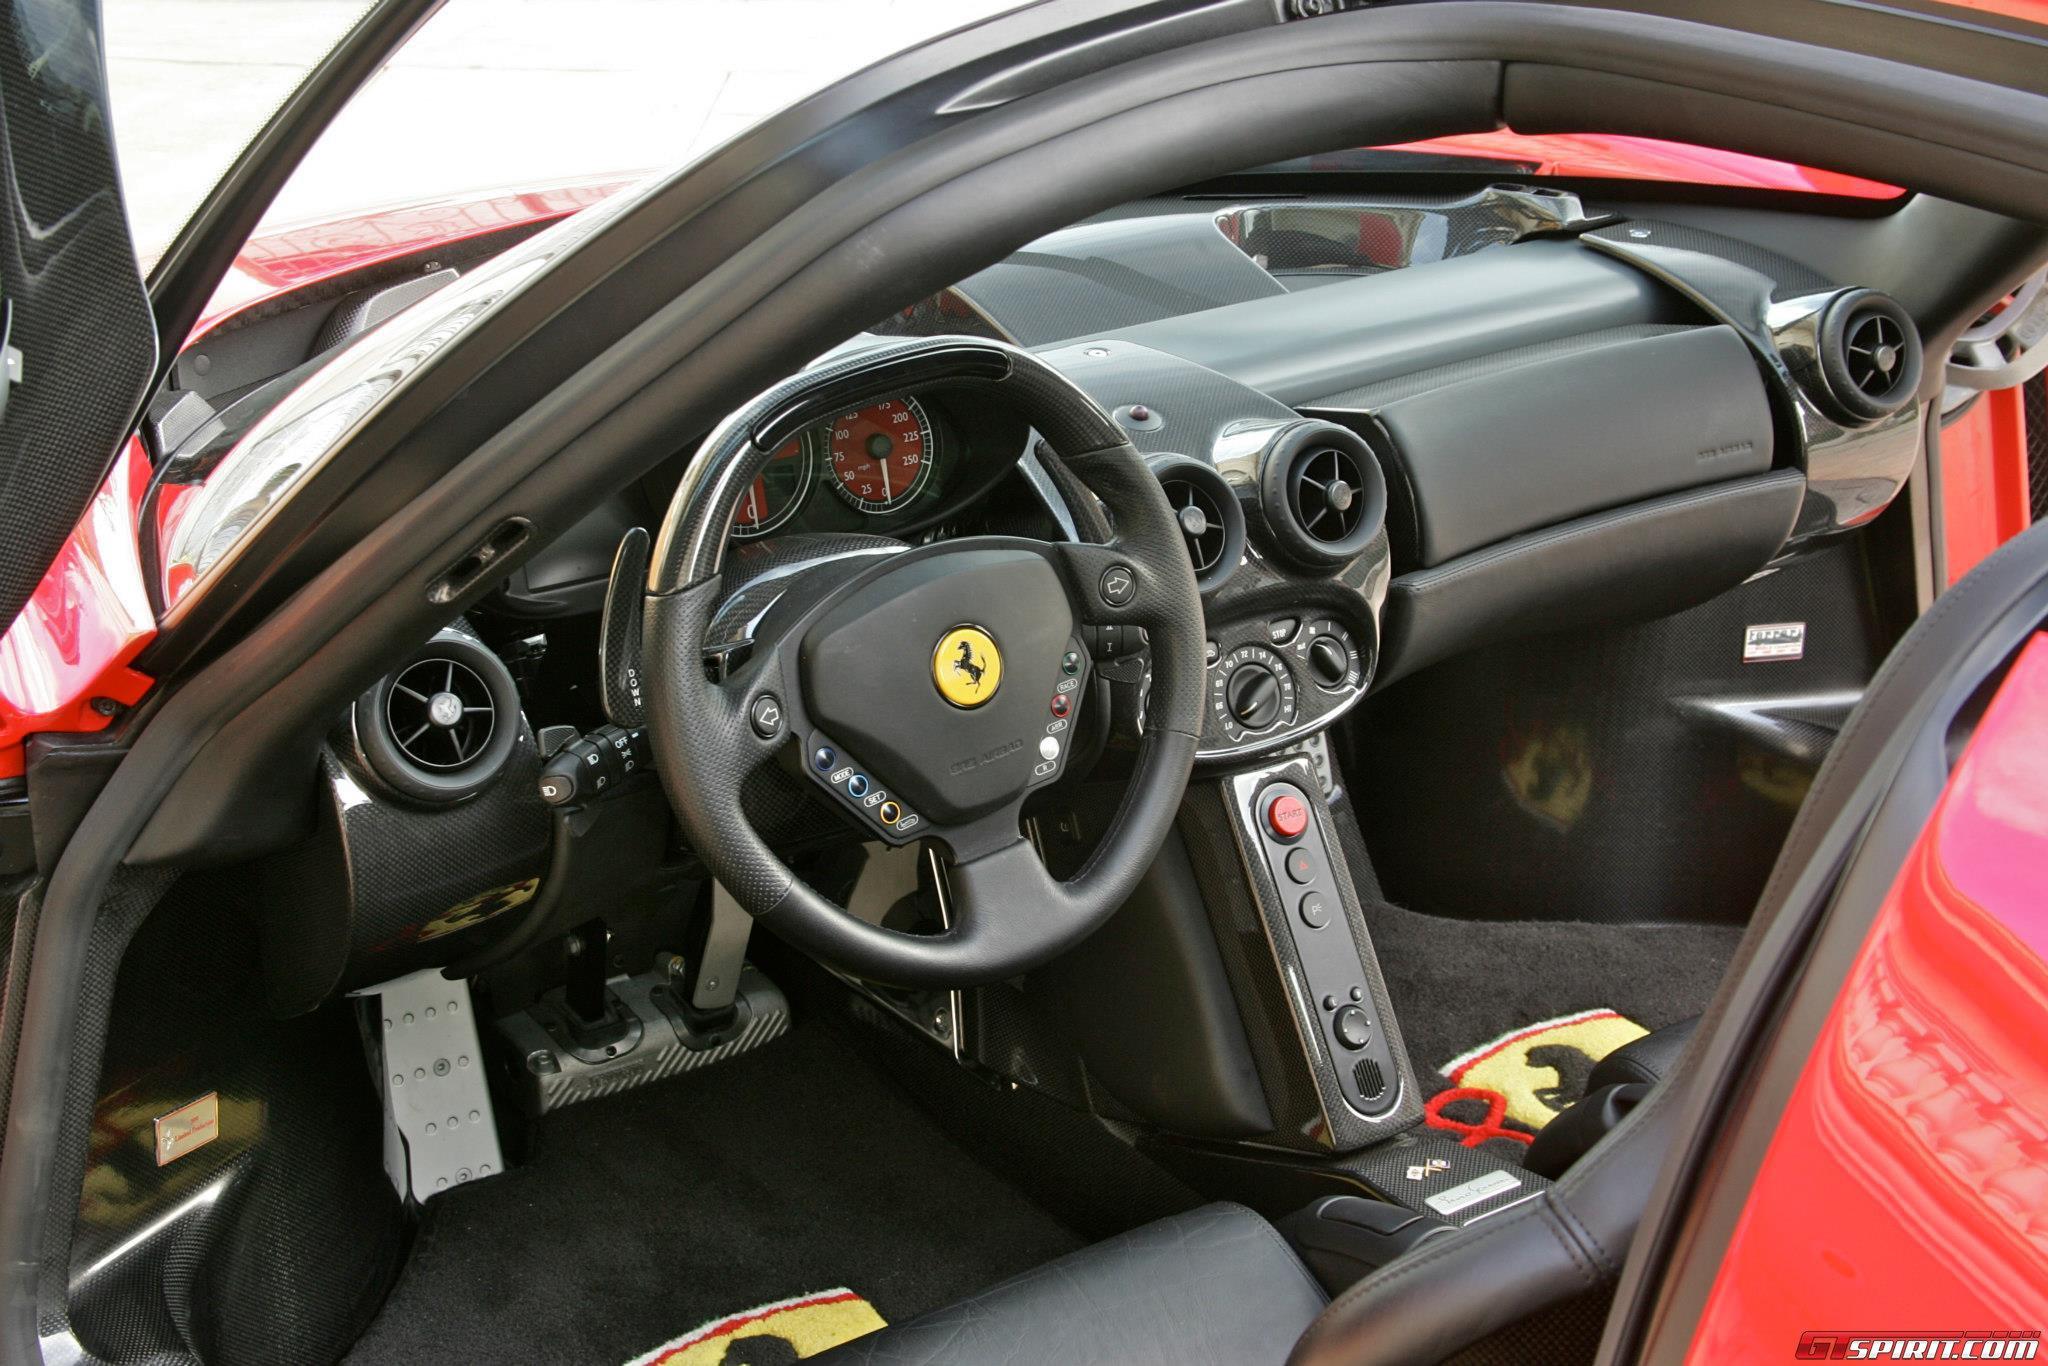 Ferrari Fxx 05 Ferrari Fxx Coupe 2005 Ferrari Fxx Coupe 2005 معلومات عن السيارة والمعرض Ferrari Fxx Coupe 2005 Co Bh Sa Cn Om De It Eg Ng Ko Iq Kw Ke Am By Kr Us Es Ae Fr Ar Kp Ru Cu Jp Kw At Cl Mc Ne عننا إعلانات الإتصال بنا